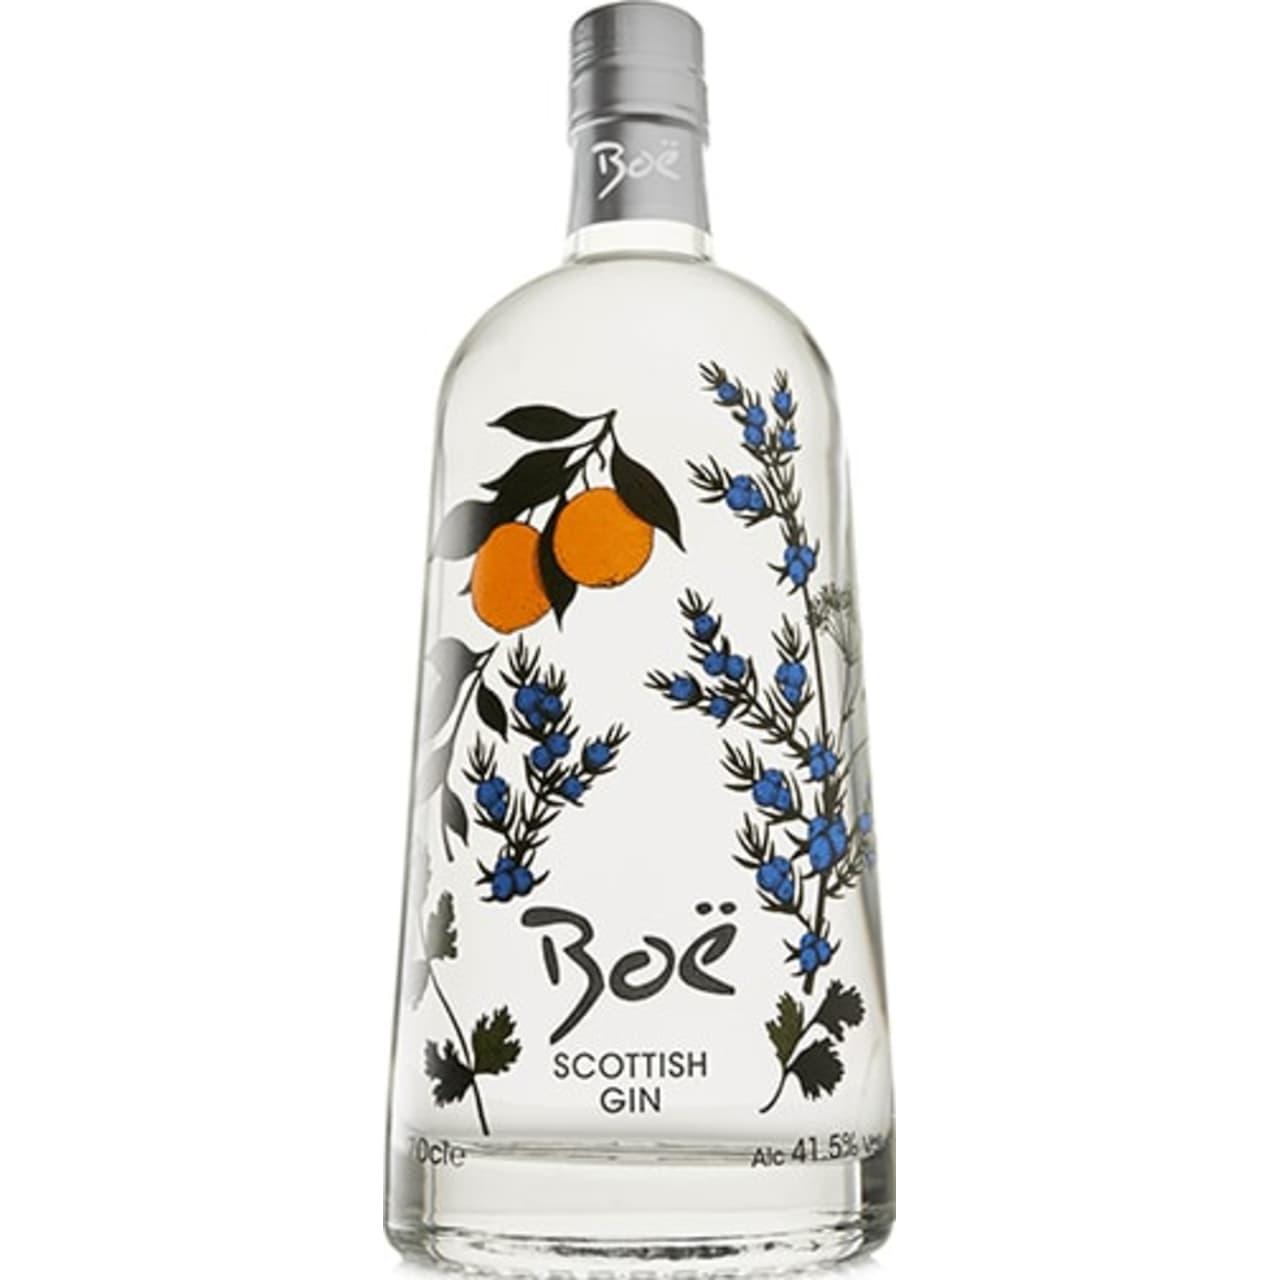 Product Image - Boë Scottish Gin